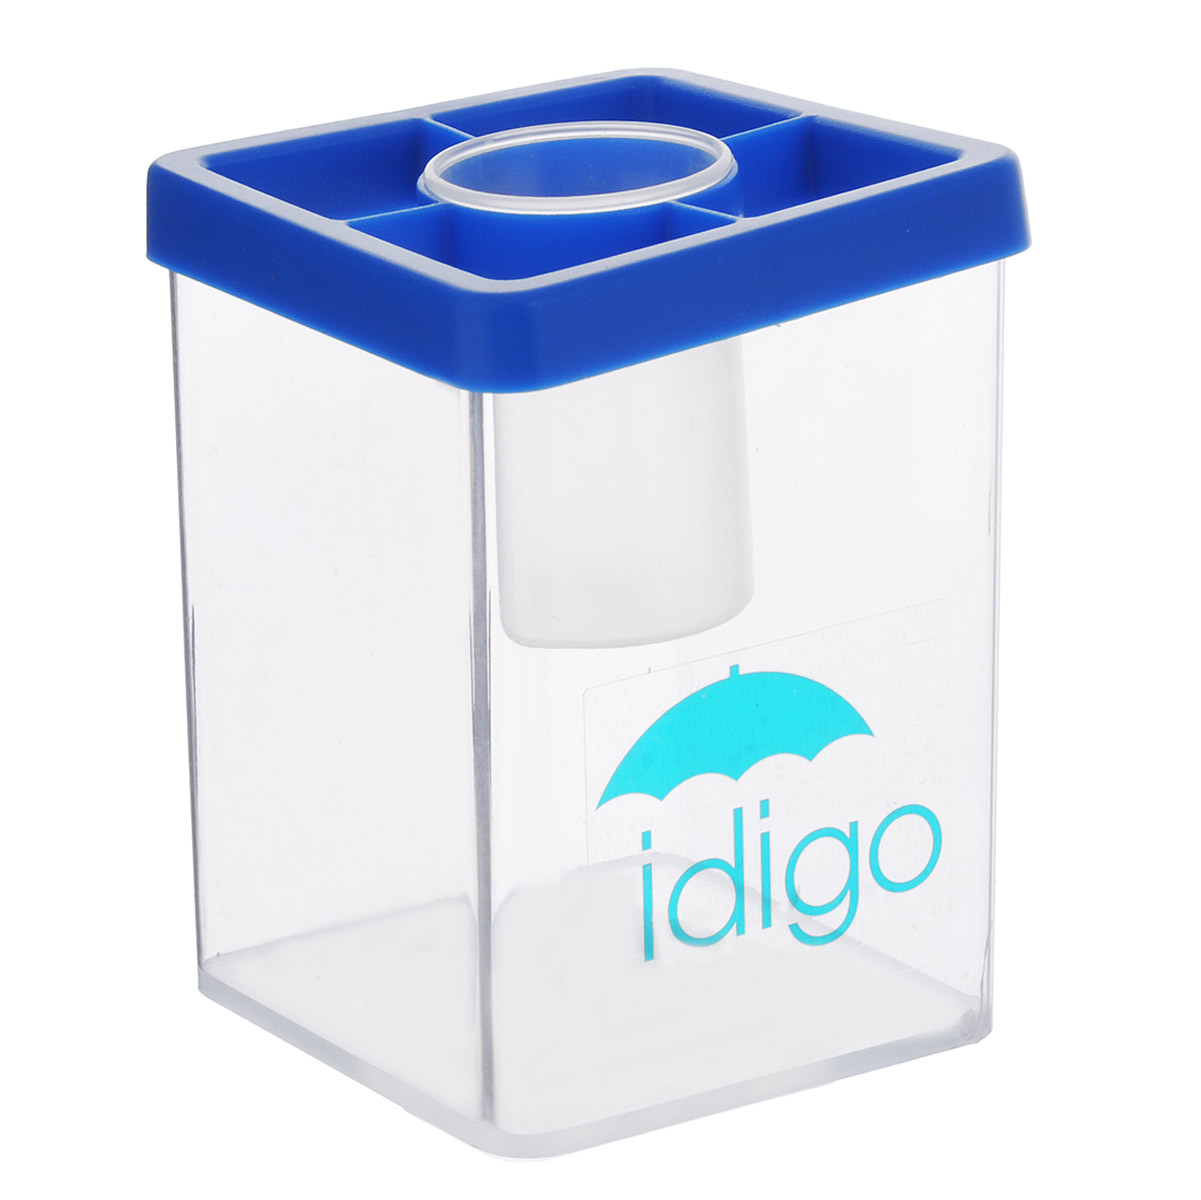 Многофункциональная подставка-стакан Idigo, цвет: синий51000586/sa951Многофункциональная подставка-стакан Idigo станет незаменимым атрибутом на письменном столе ребенка. Она идеально подходит для мытья кистей во время рисования. Кроме того, удобный стакан может быть использован для хранения кистей, карандашей, ручек и фломастеров. А благодаря небольшой круглой баночке, расположенной в центре стакана, скрепки, кнопки и ластики не потеряются.